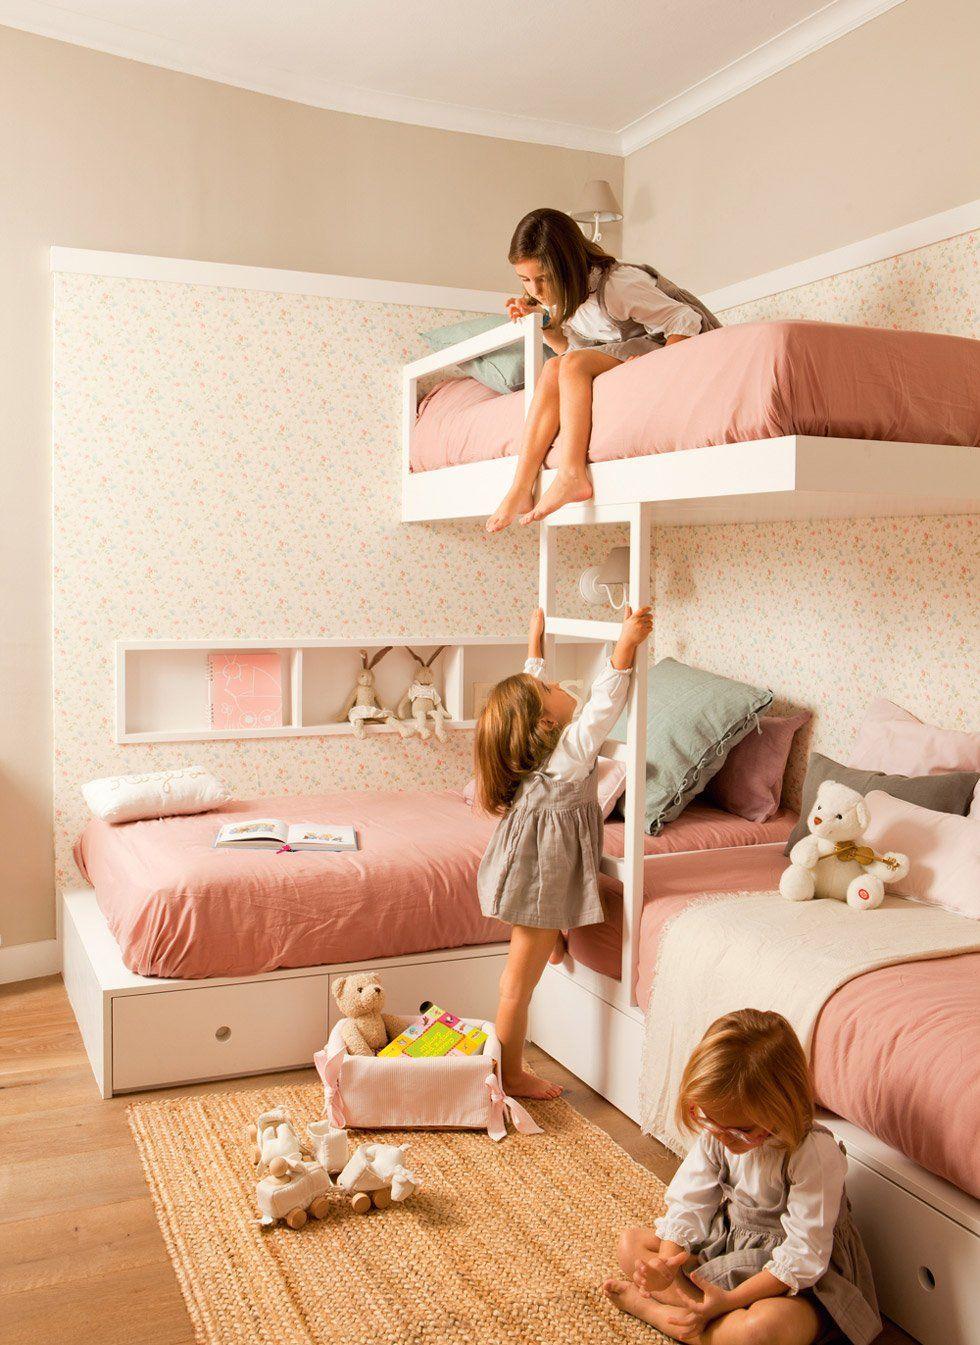 Cameretta da bambini molto elegante e raffinata condivisa da 3 sorelle - design moderno, semplice e funzionale